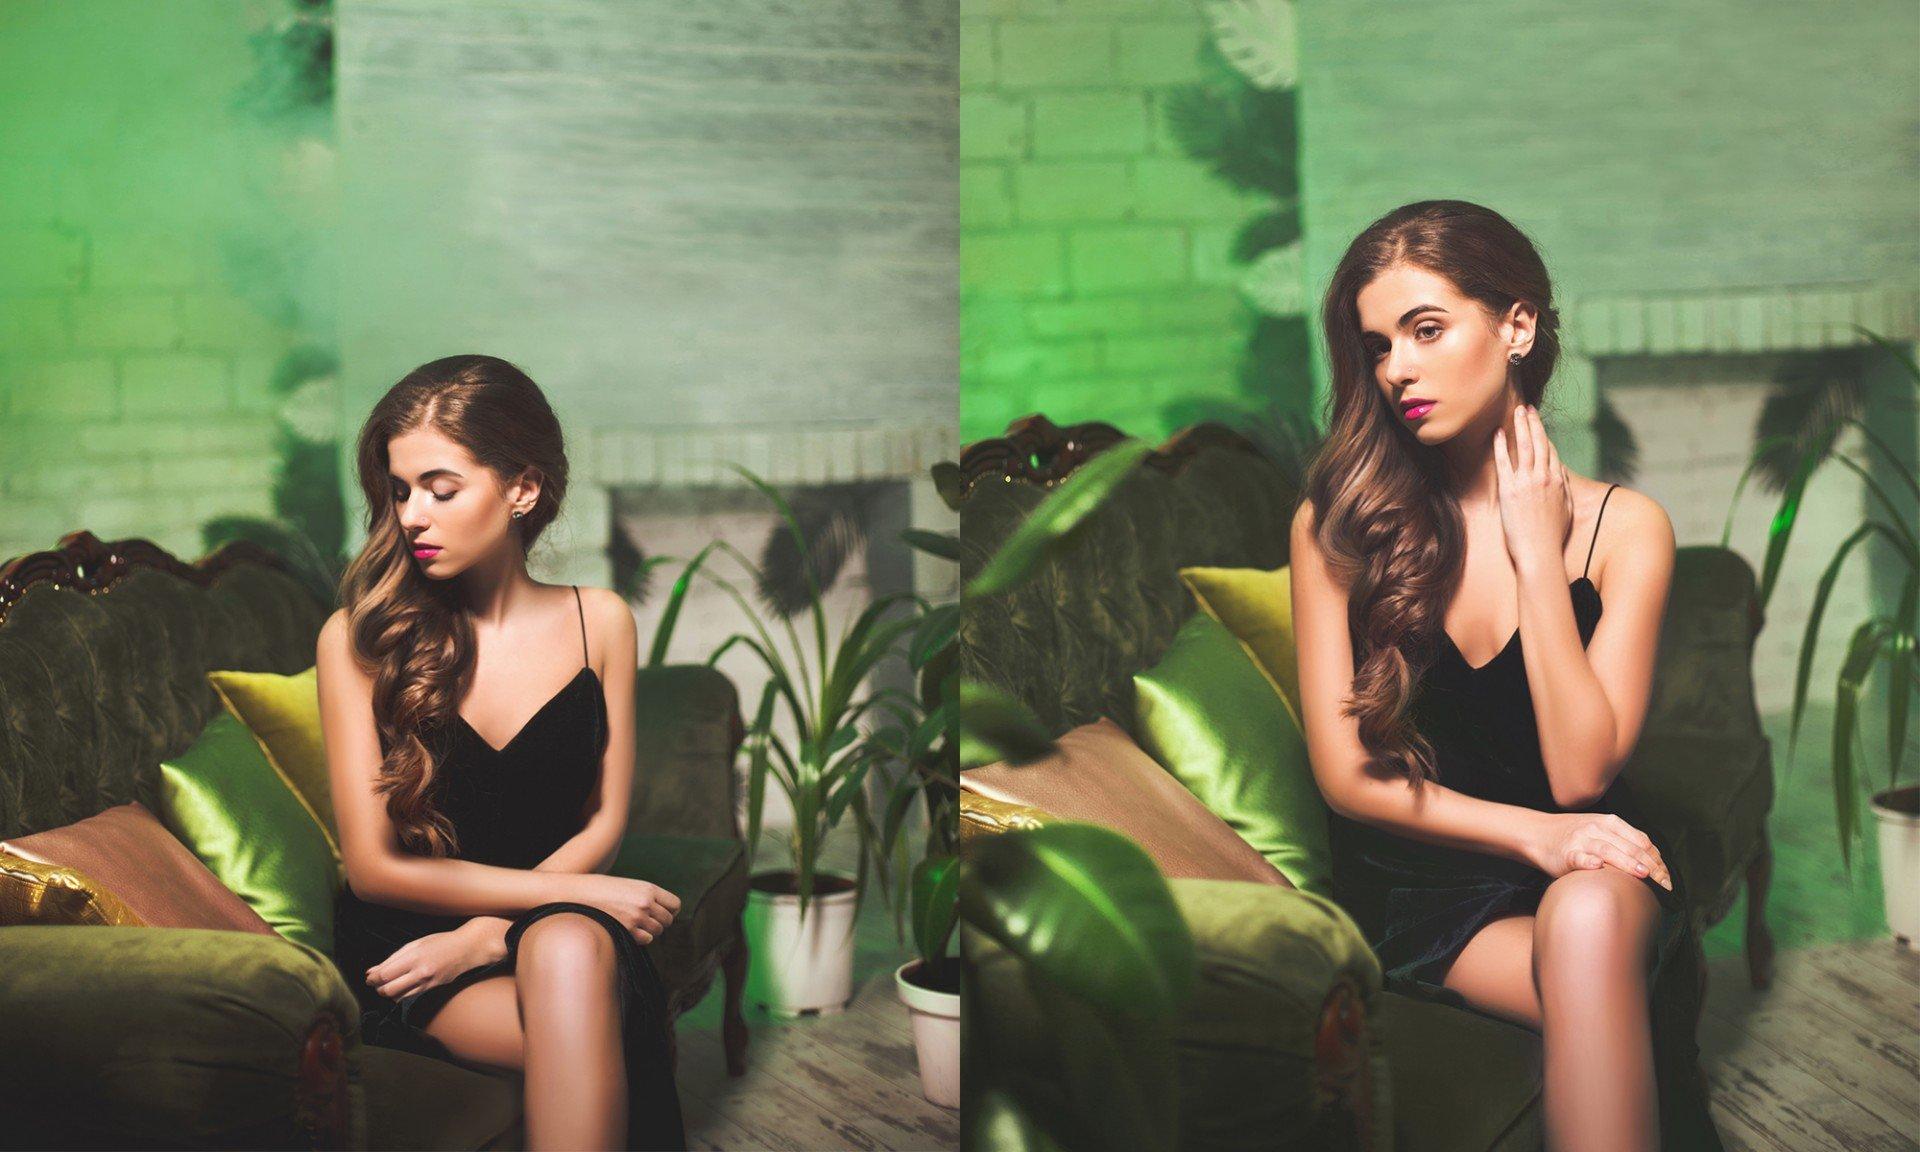 красивая модель тропики фото - фотосессия фешн в фотостудии желтый кролик